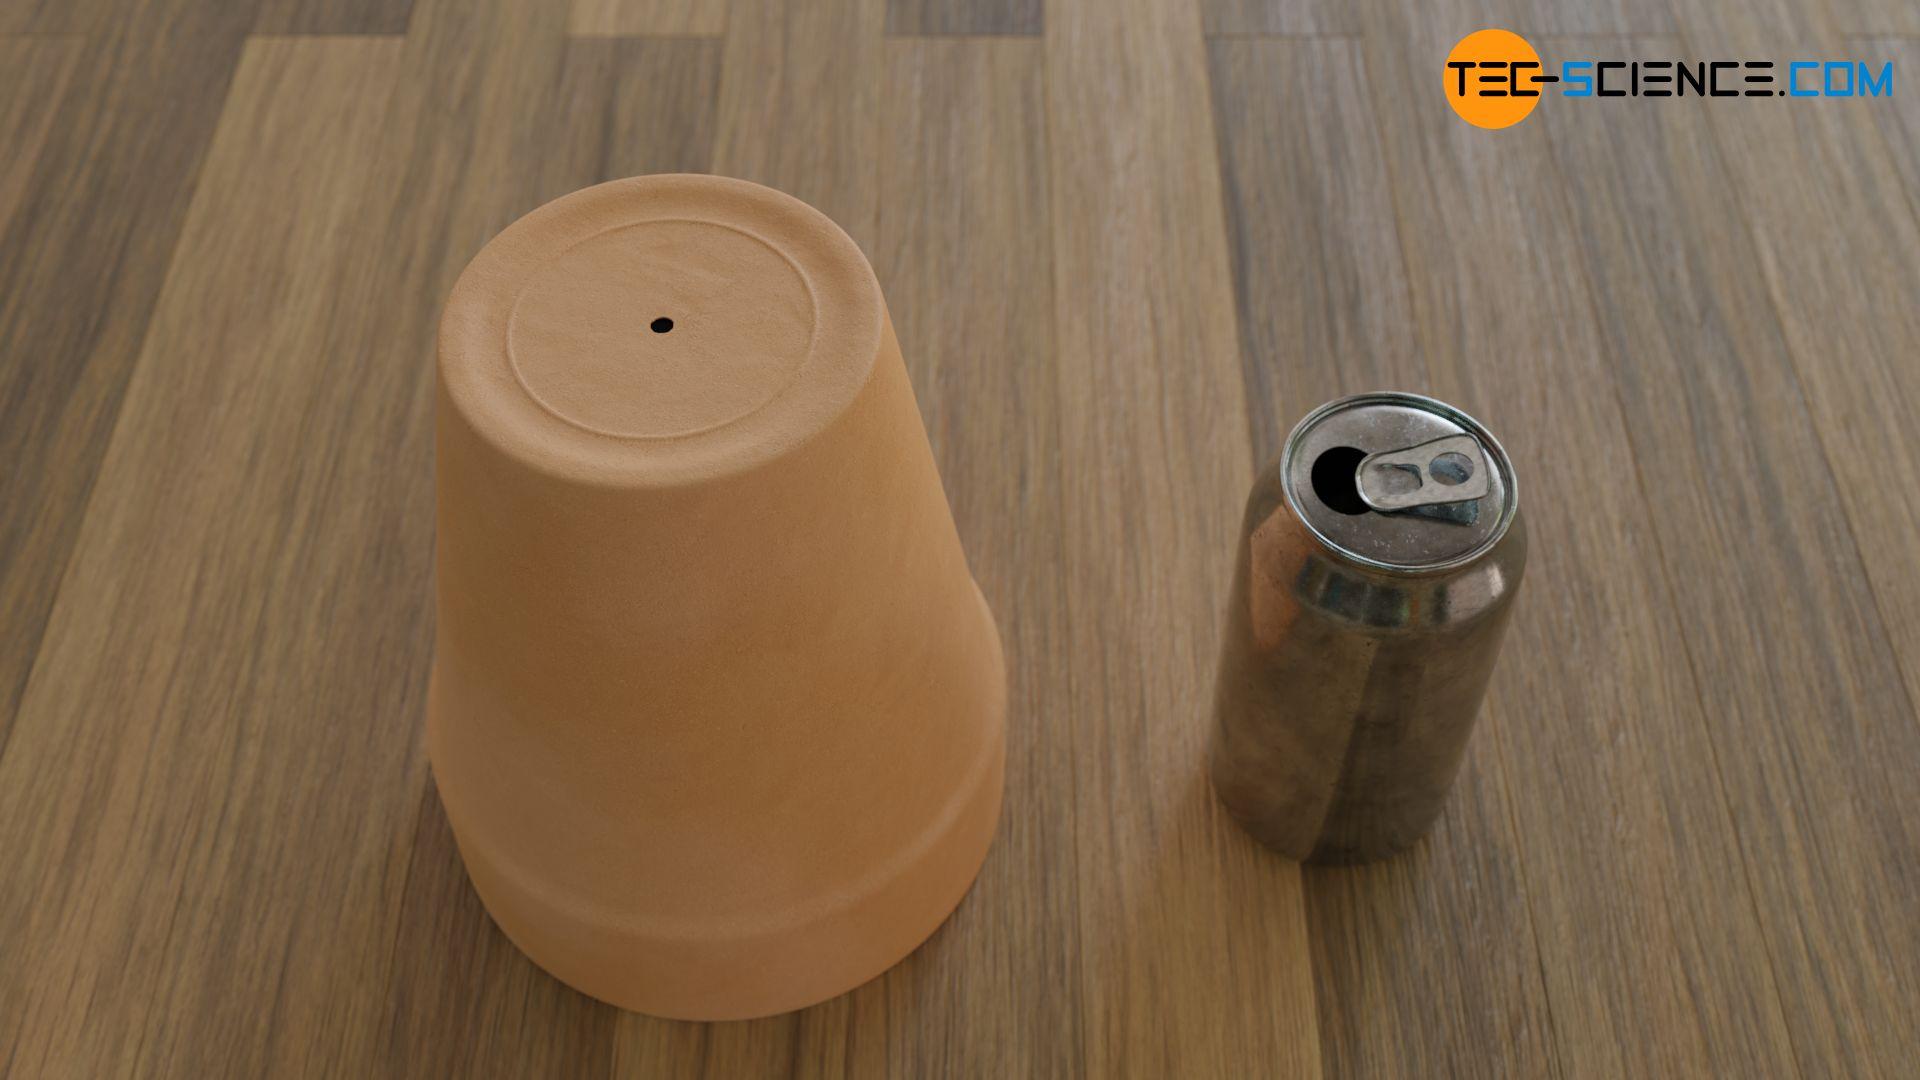 Blumentopf mit Bodenöffnung und eine leere geöffnete Getränkedose